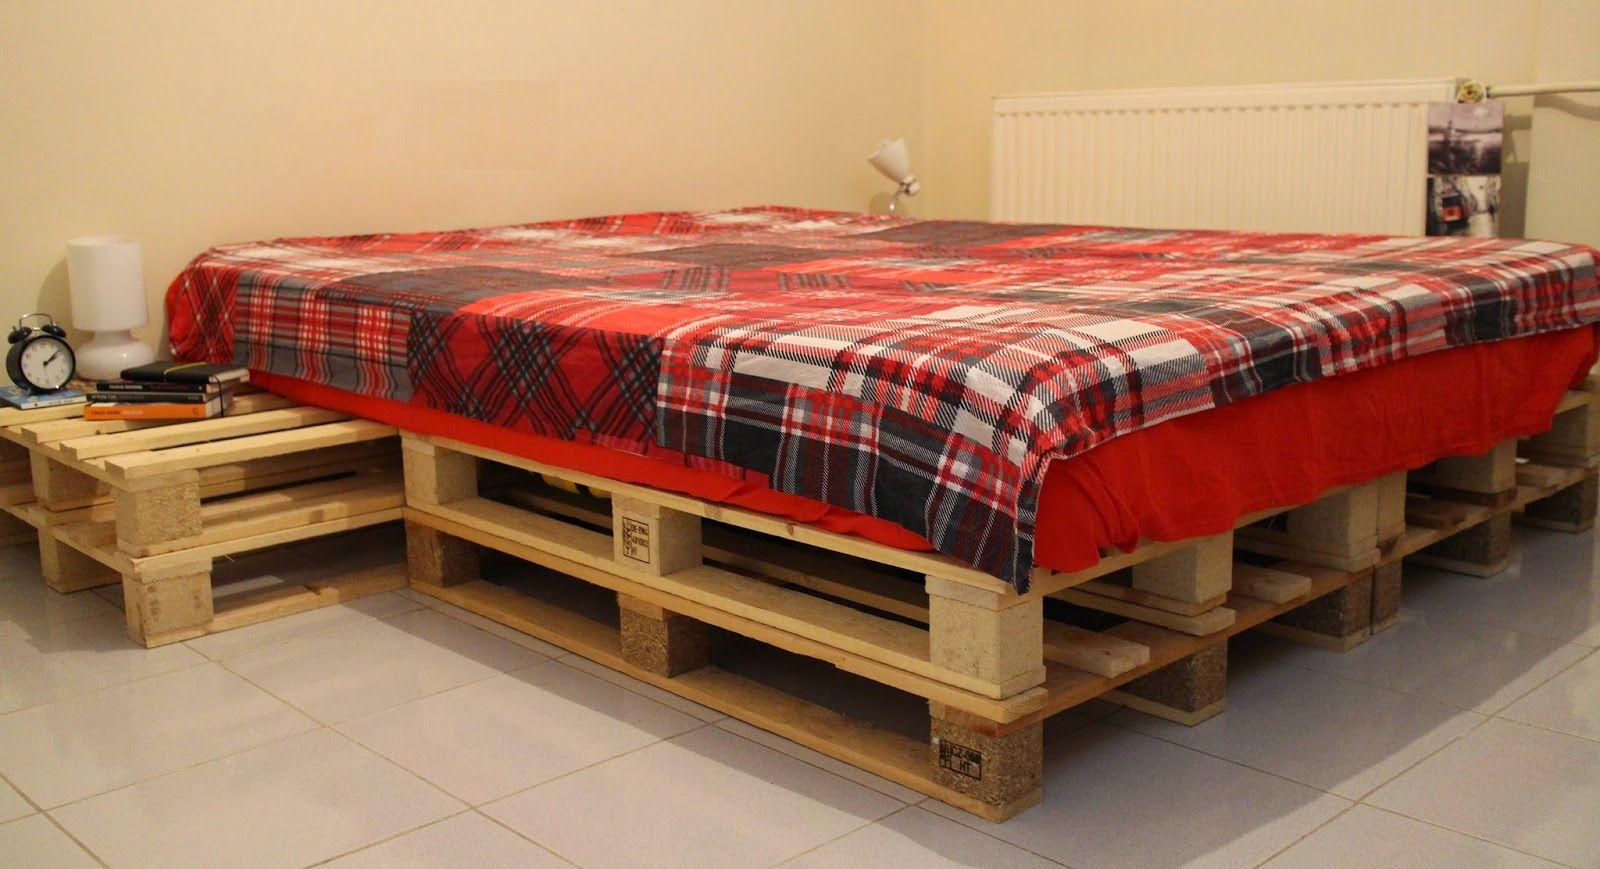 Diy Paletten Yatak Yapimi Bir Dik Bin Bak Palet Yataklar Yatak Yapimi Yatak